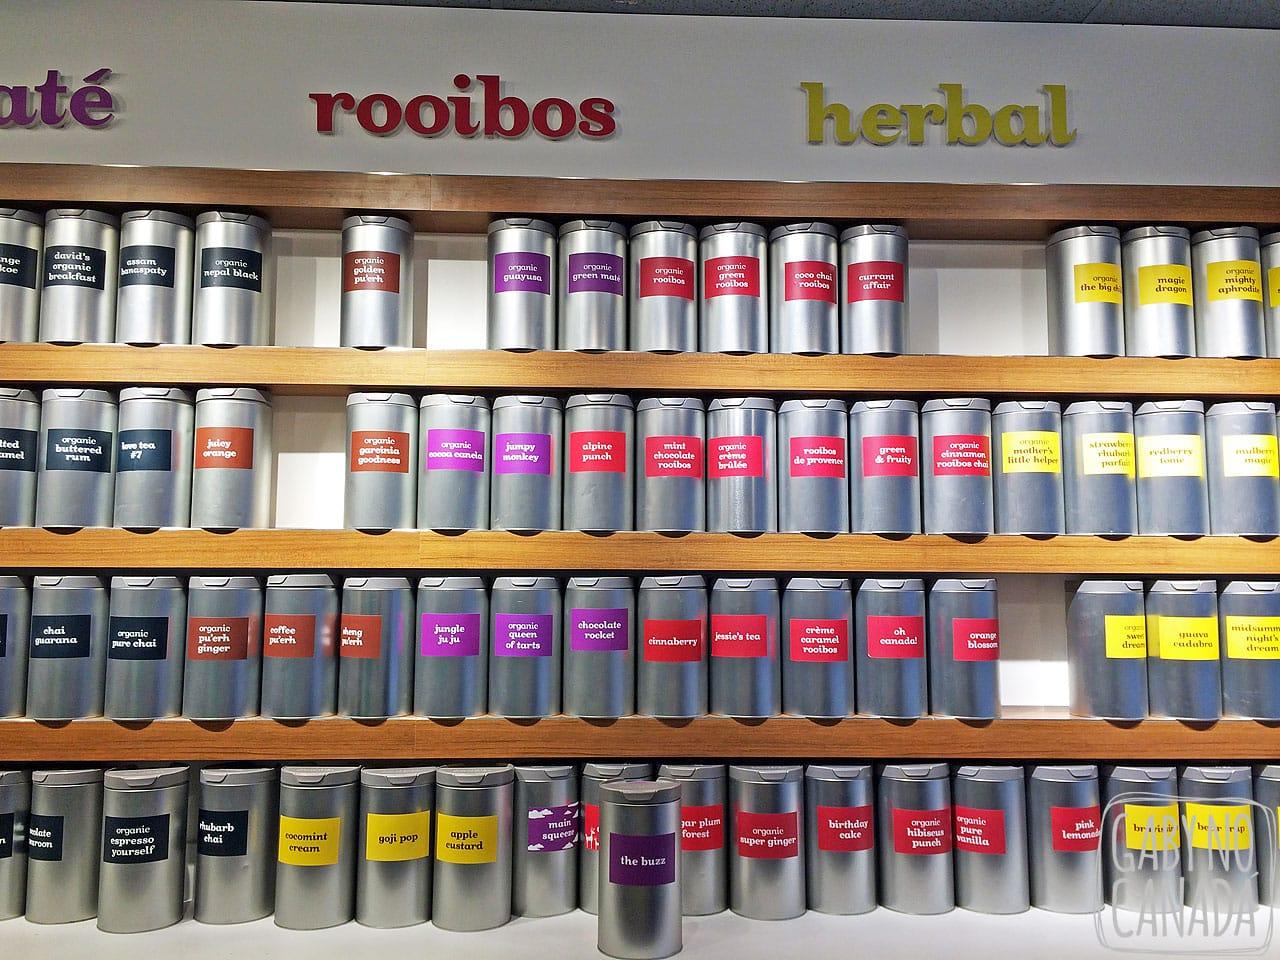 1186a04d2 Esta é uma loja para amantes de chá. O local vende muitos chás (muitos  mesmo) de todos os aromas e sabores que você pode imaginar.